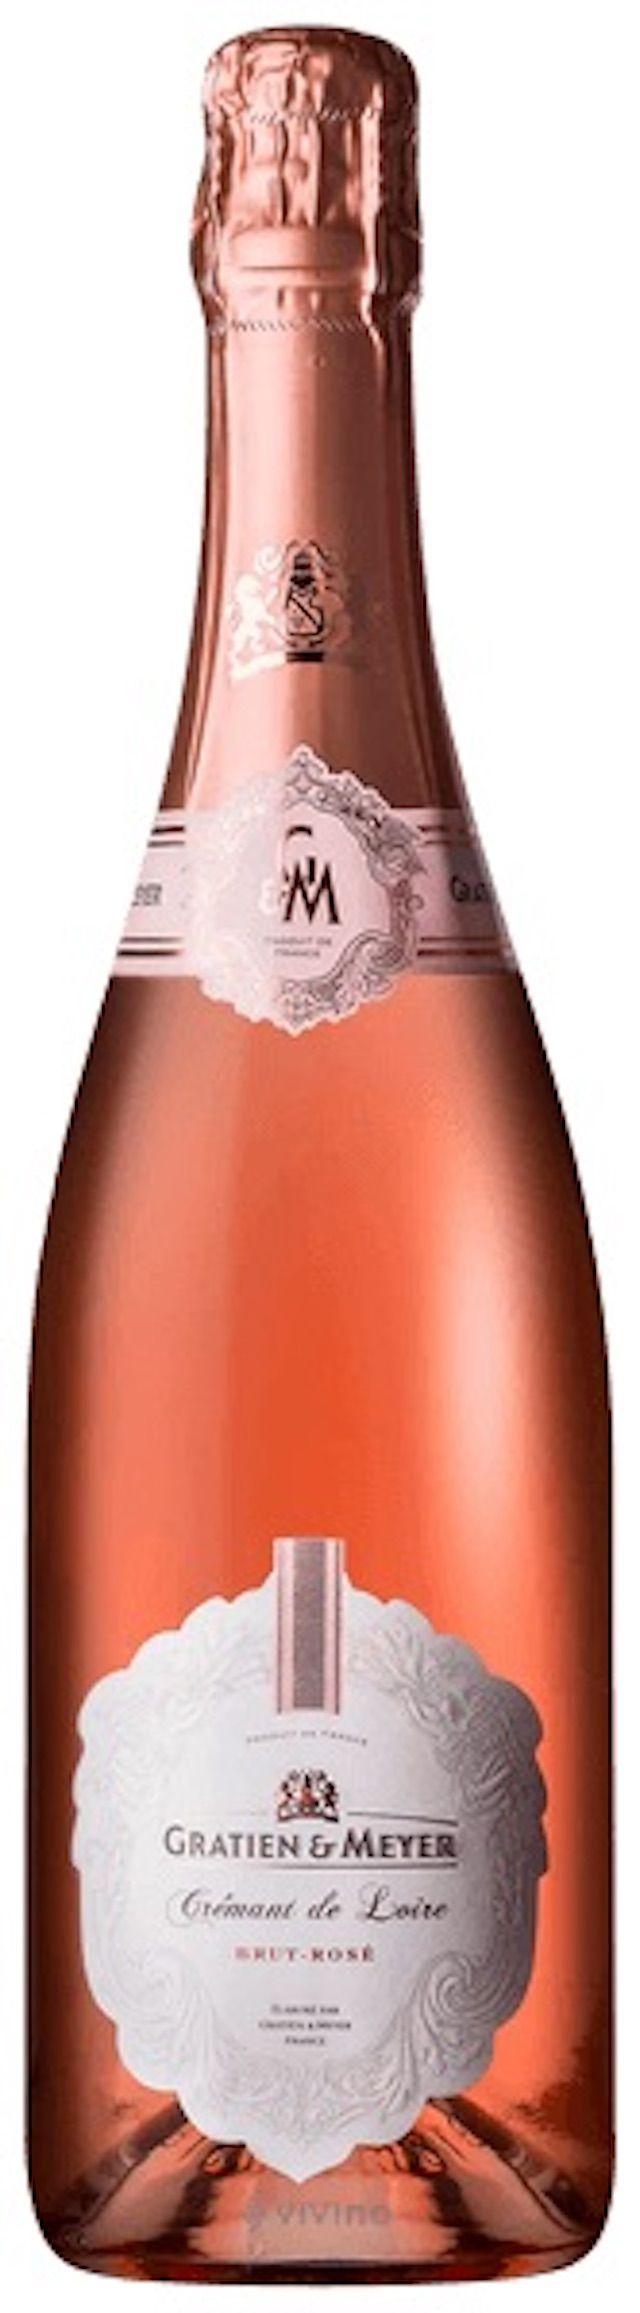 Gratien & Meyer Crémant De Loire Brut Rosé